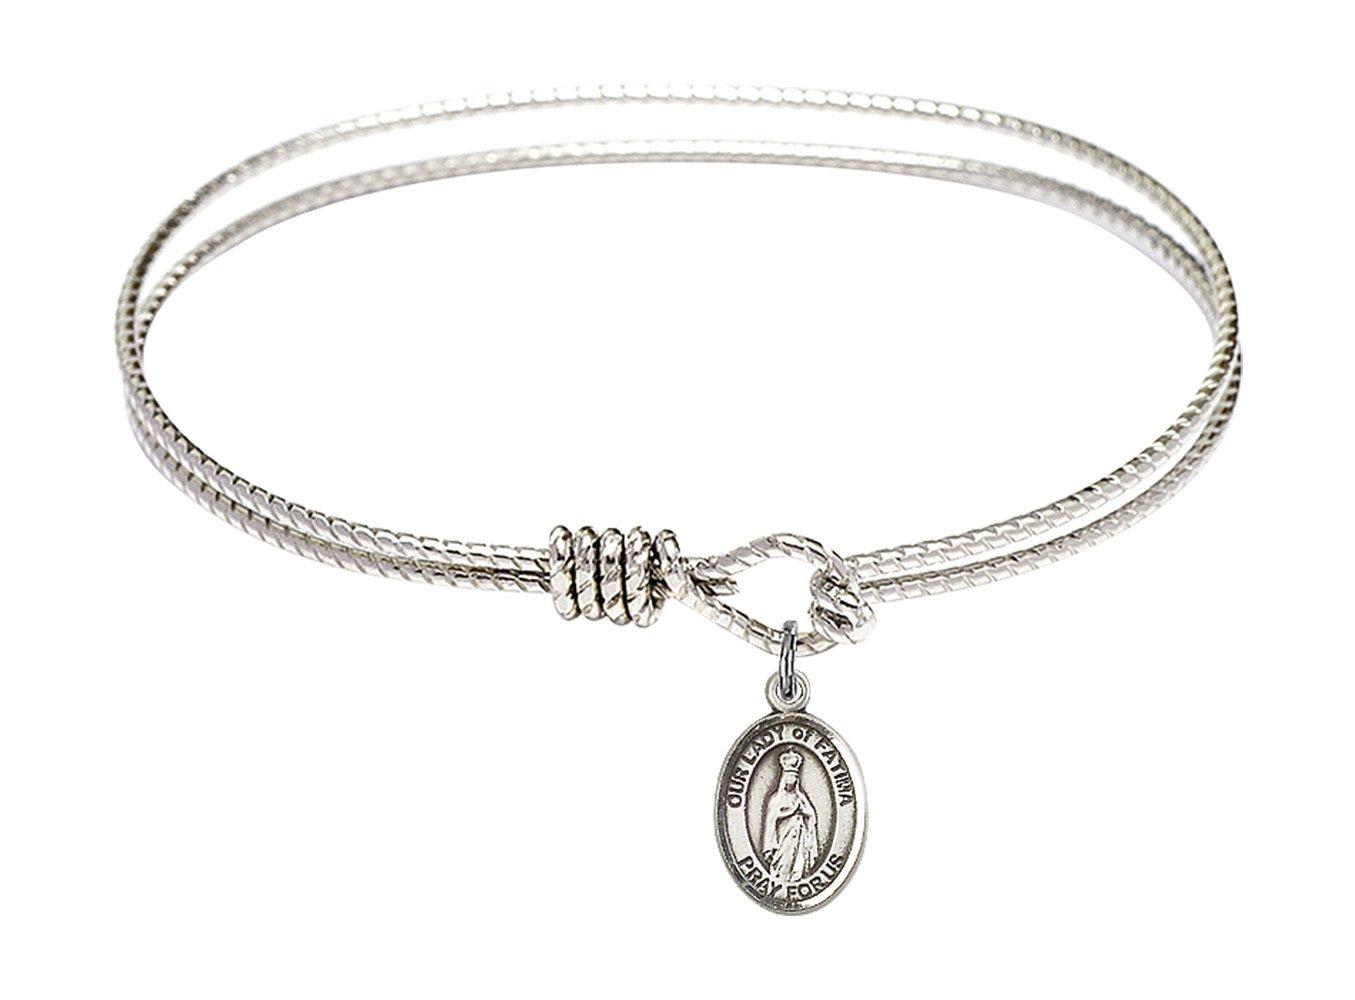 7 1/4 inch Oval Eye Hook Bangle Bracelet w/Our Lady of Fatima in Sterling Silver